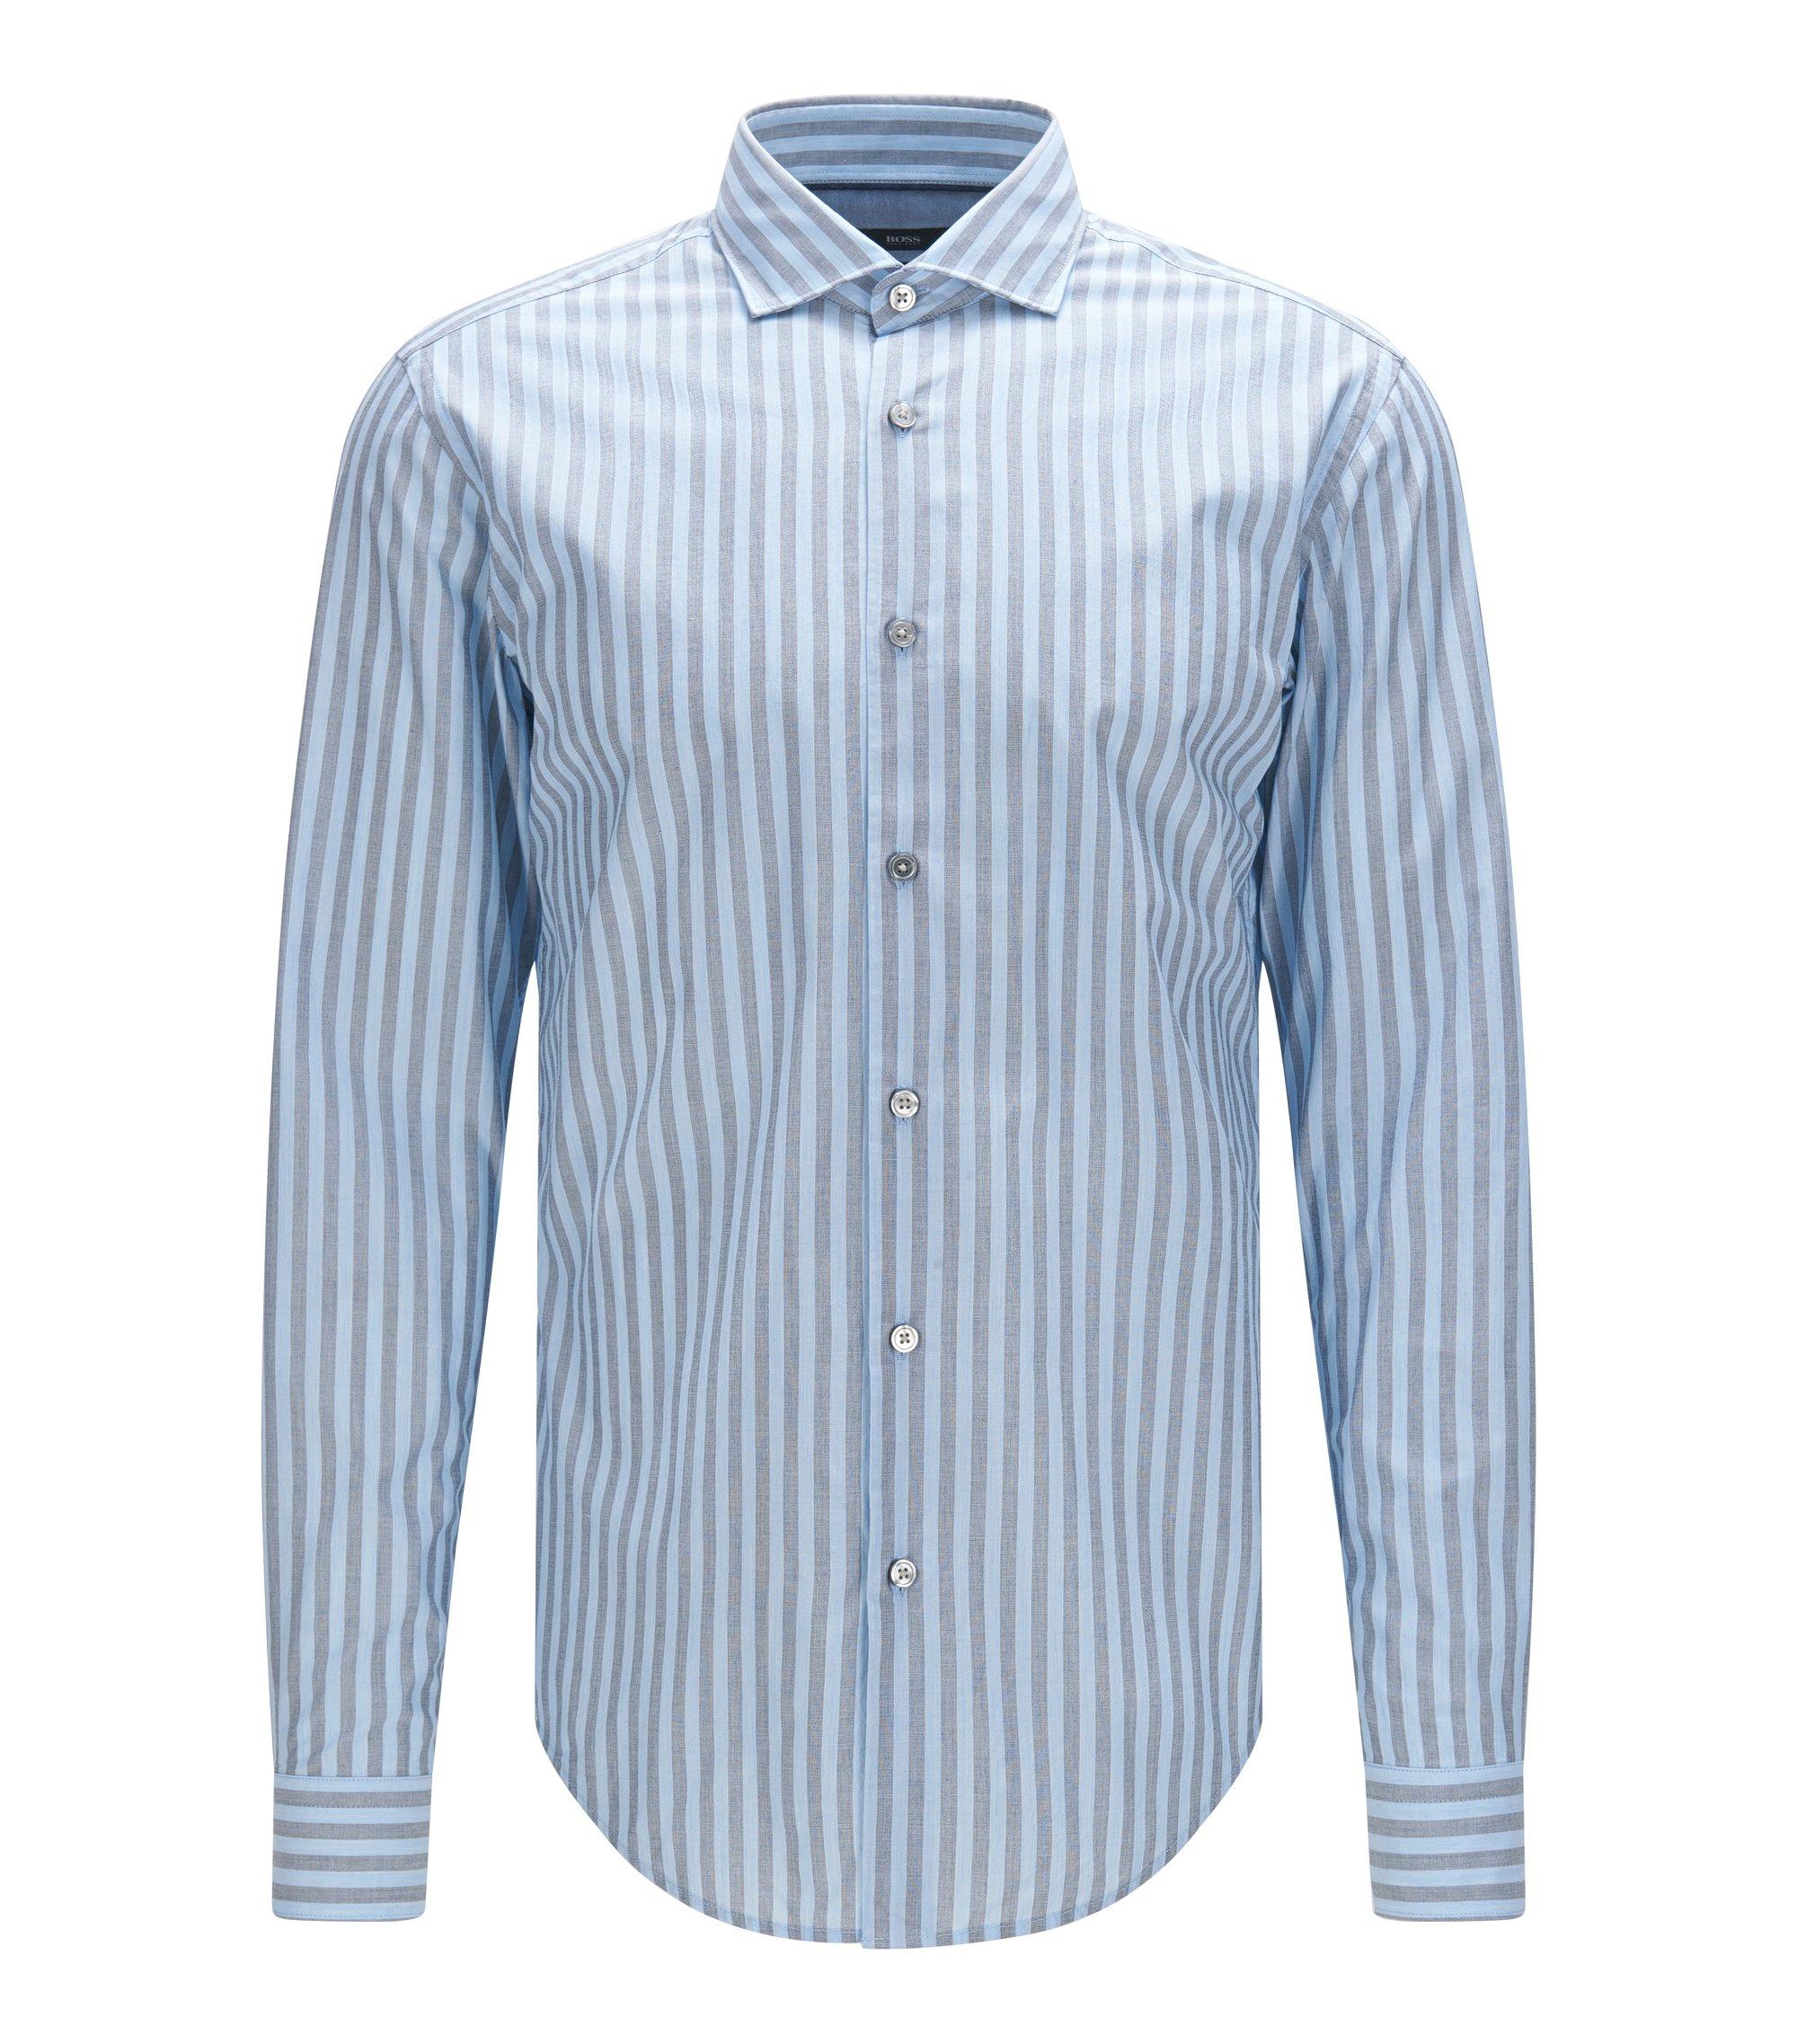 Cotton Striped Button Down Shirt, Slim Fit | Ridley, Dark Blue